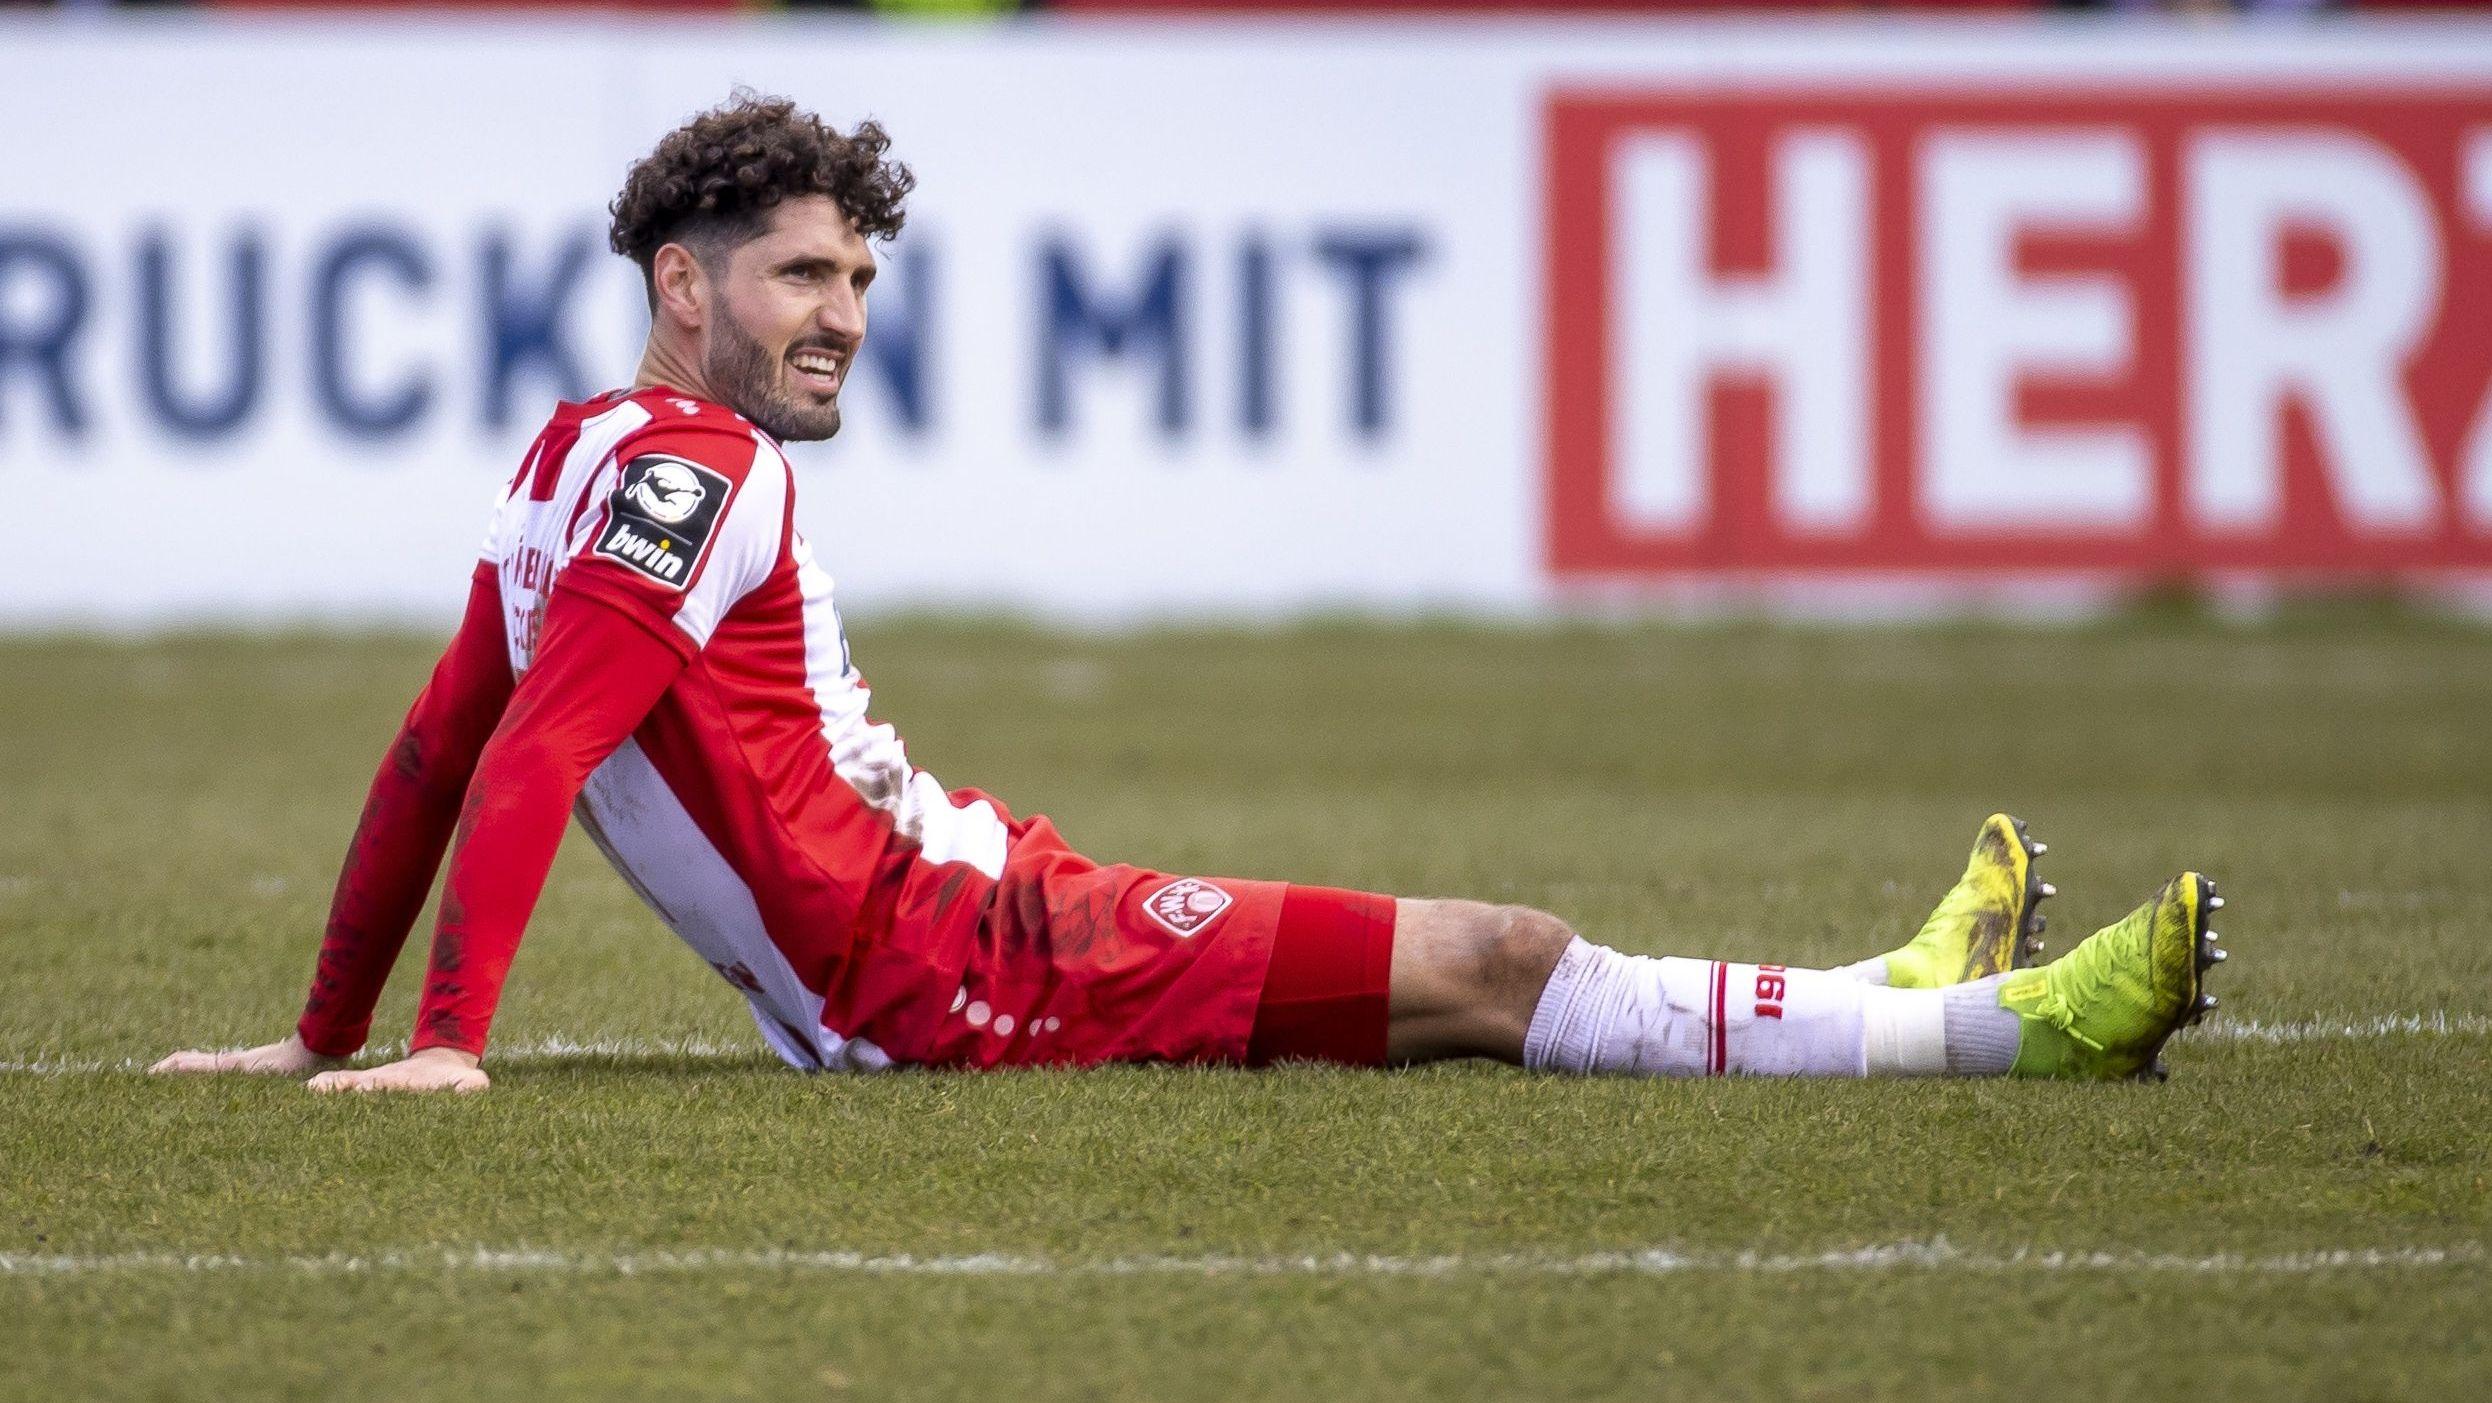 Fabio Kaufmann, Würzburger Kickers